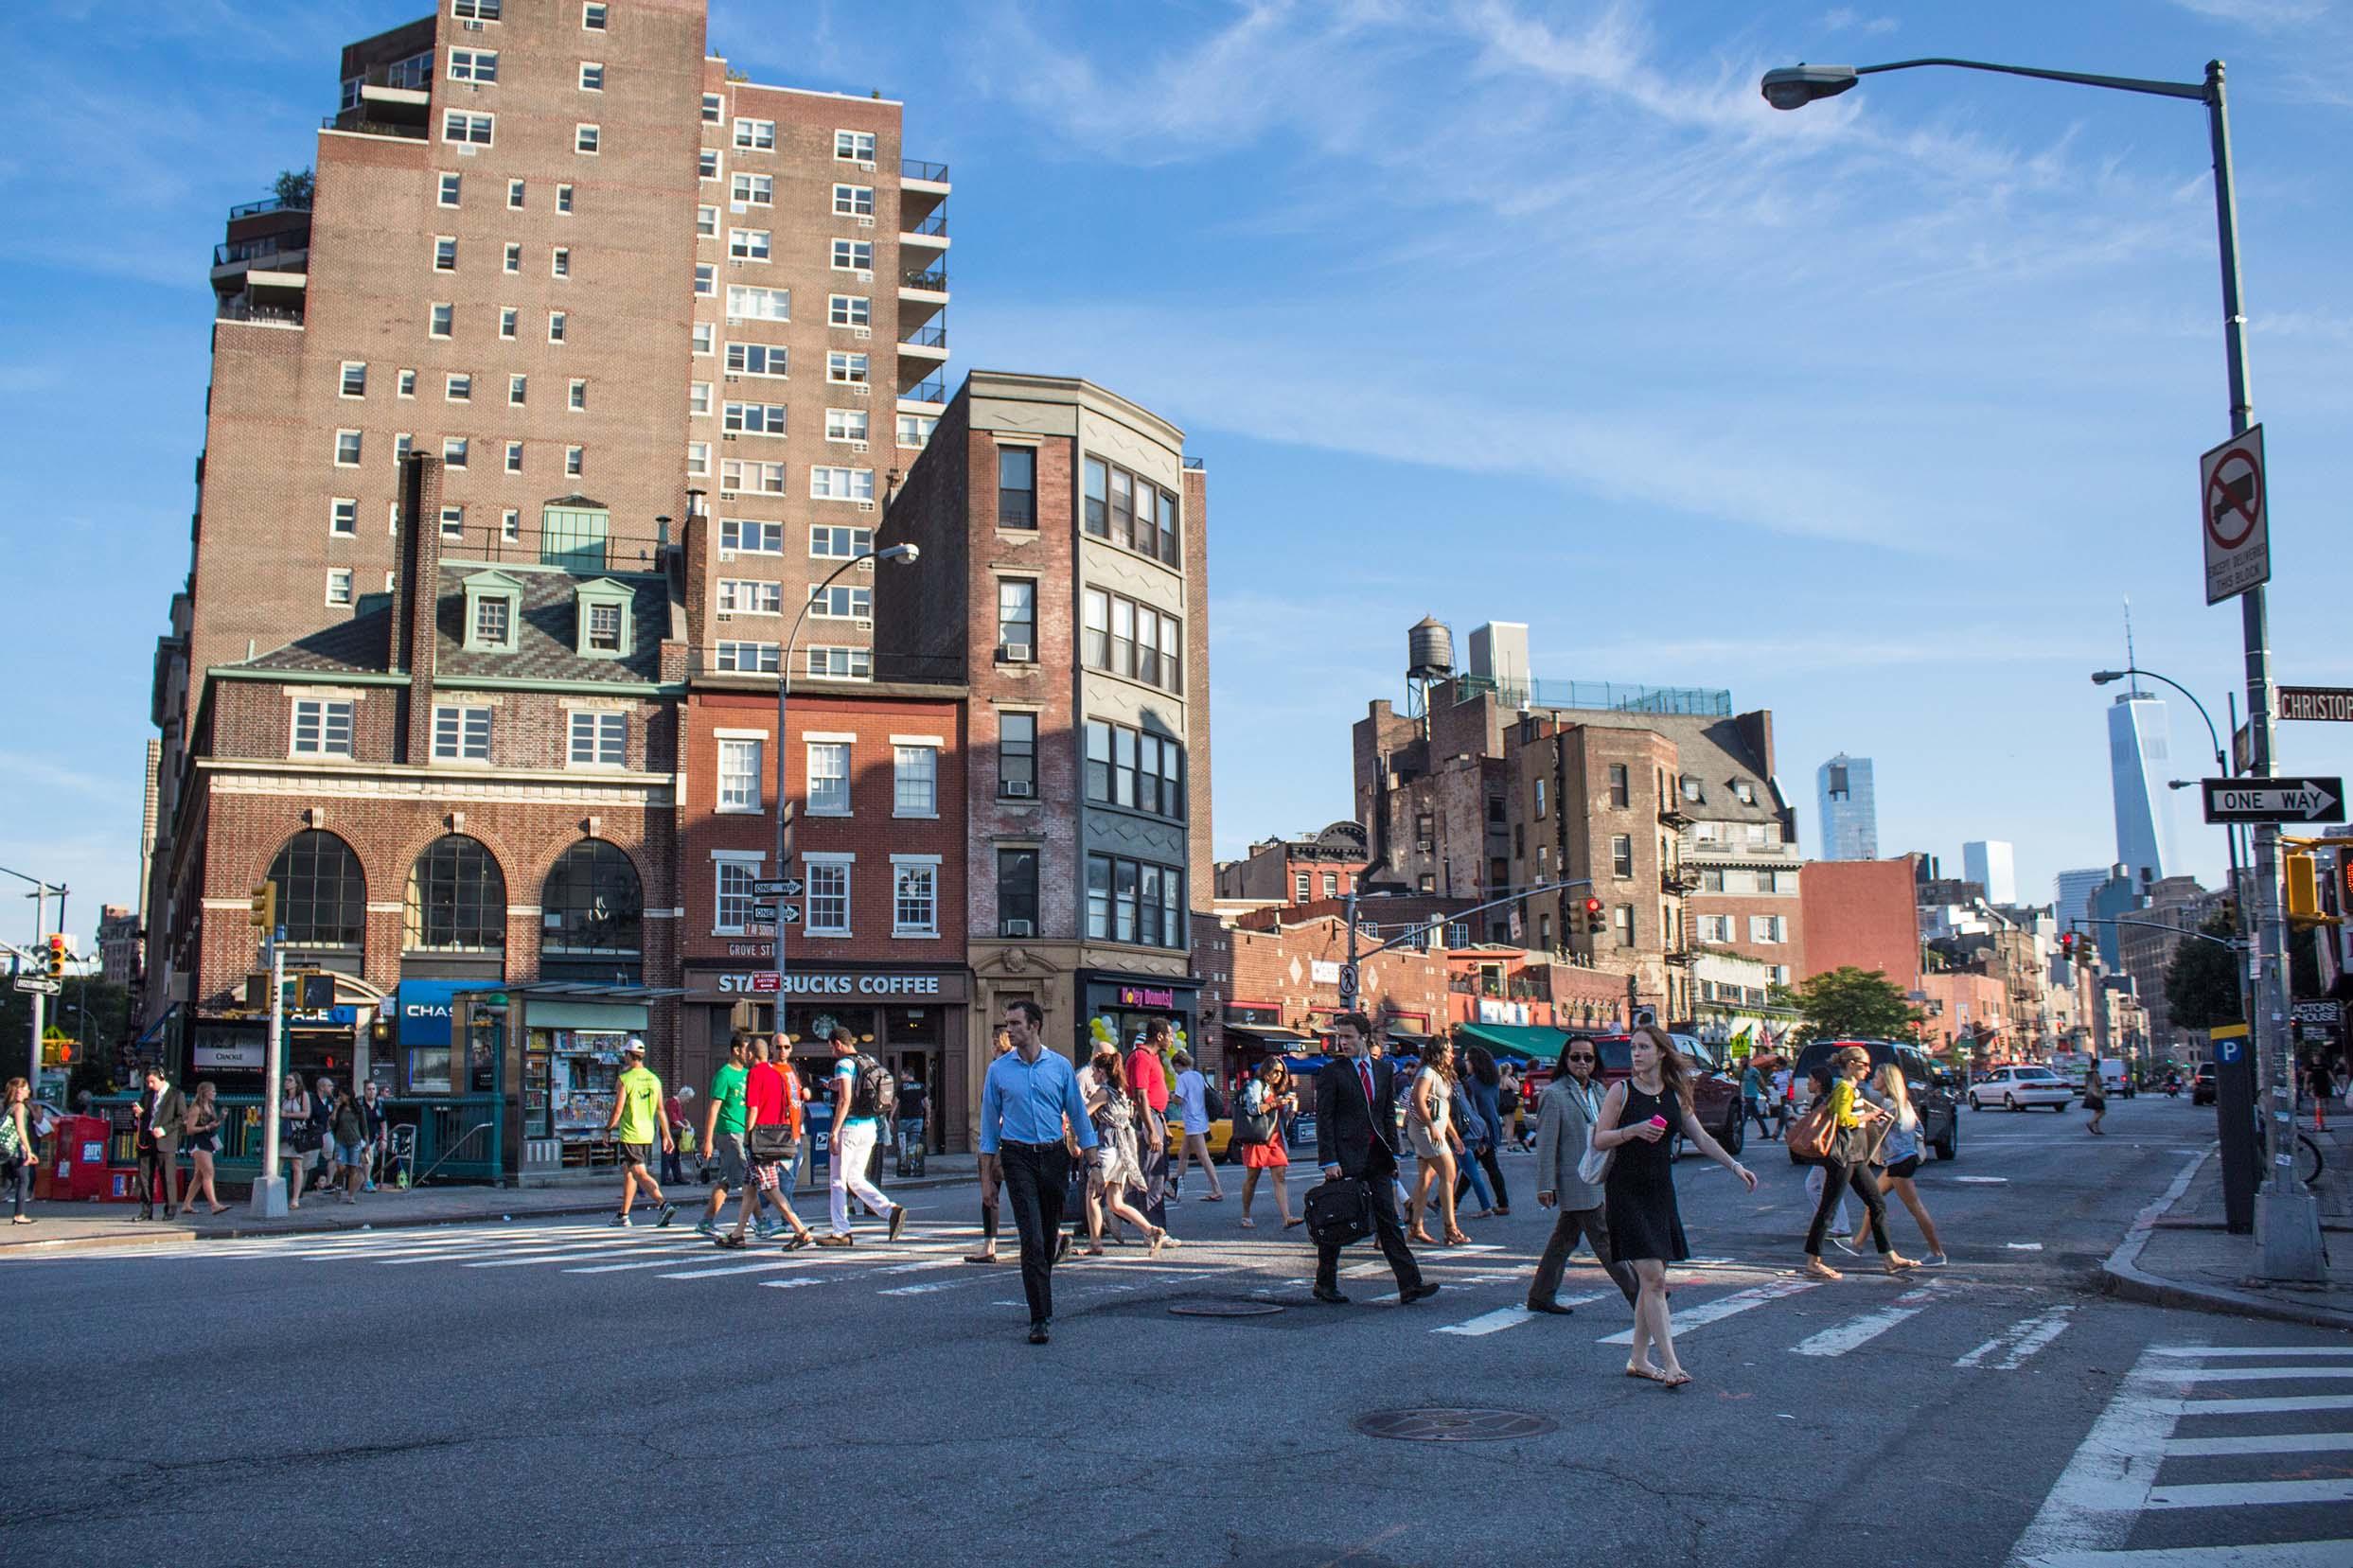 West Village Hires-13.jpg